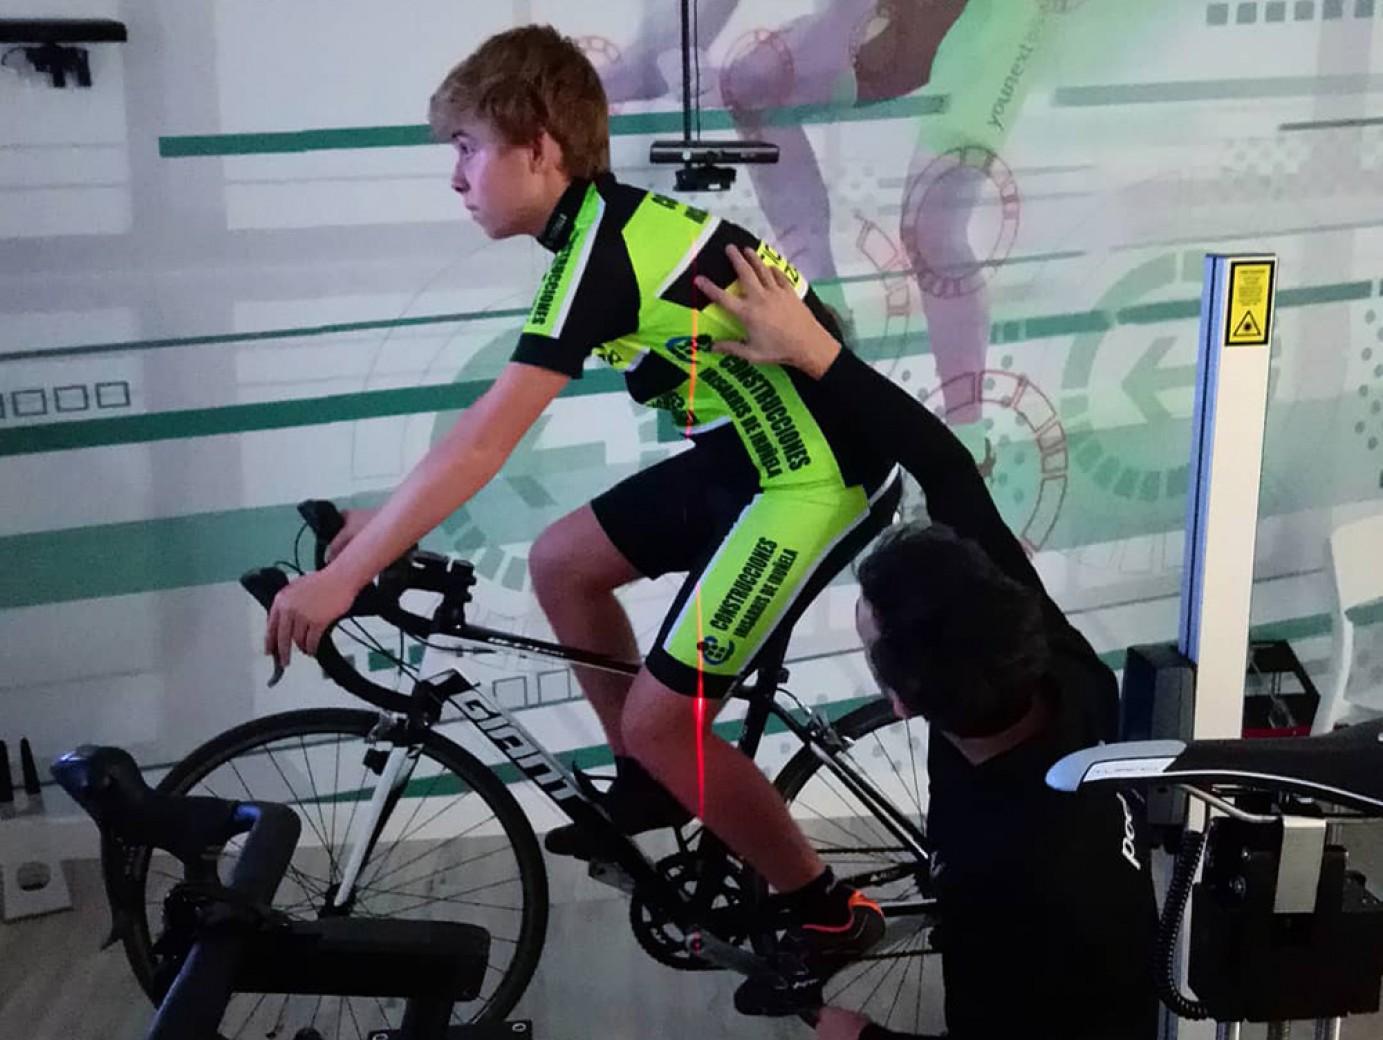 prevenir-adormecimiento-bici/